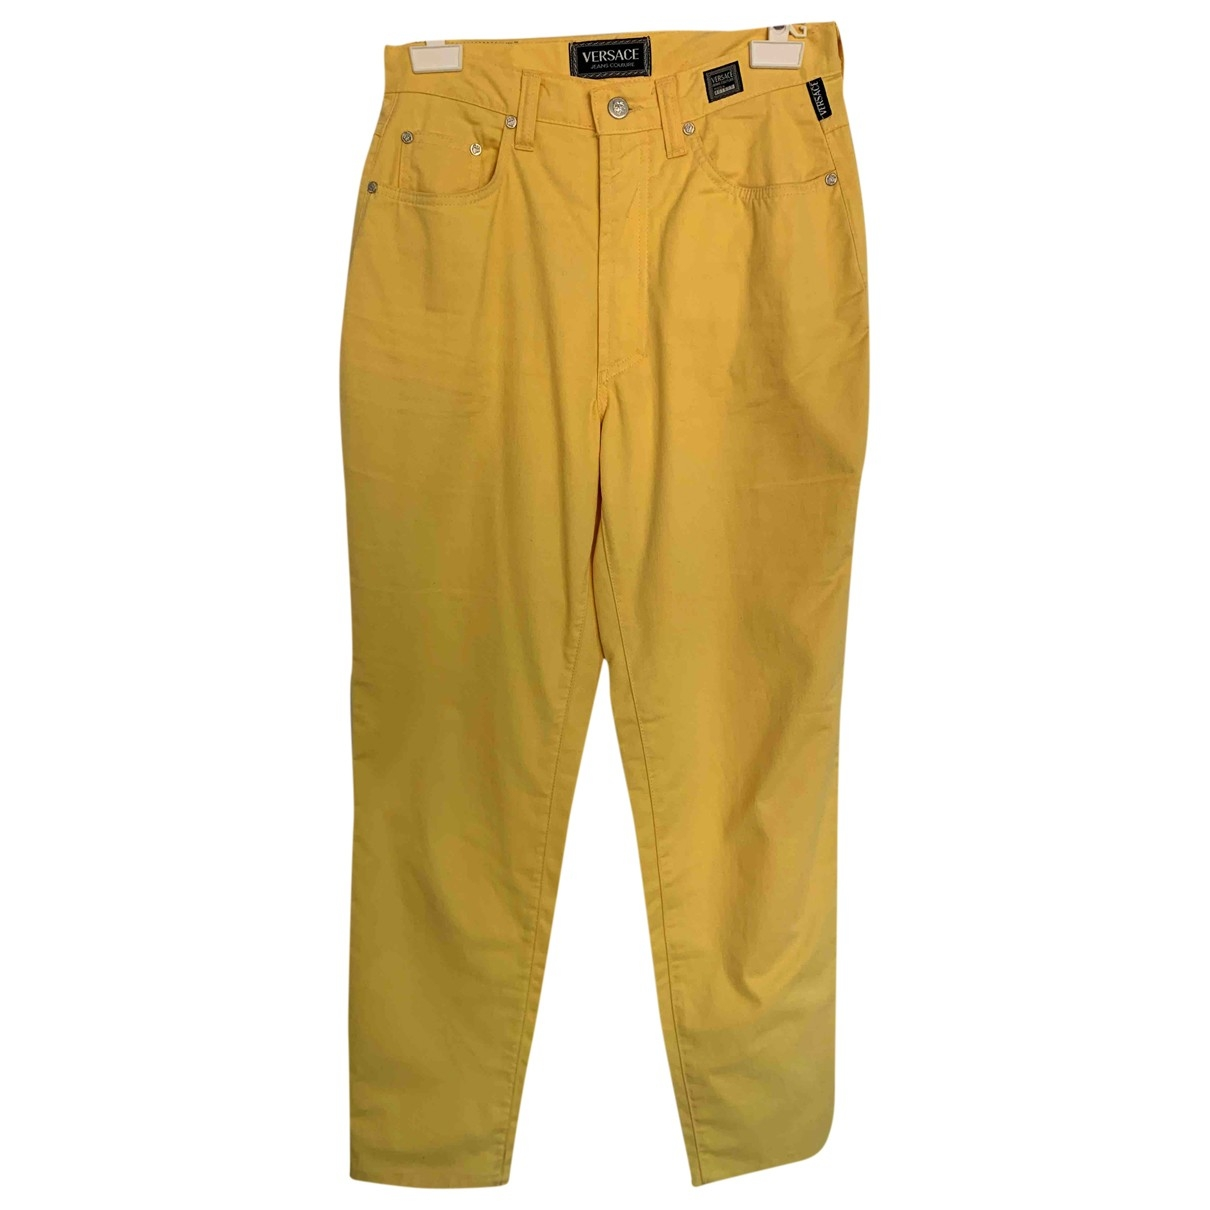 Versace Jean - Jean   pour femme en coton - jaune